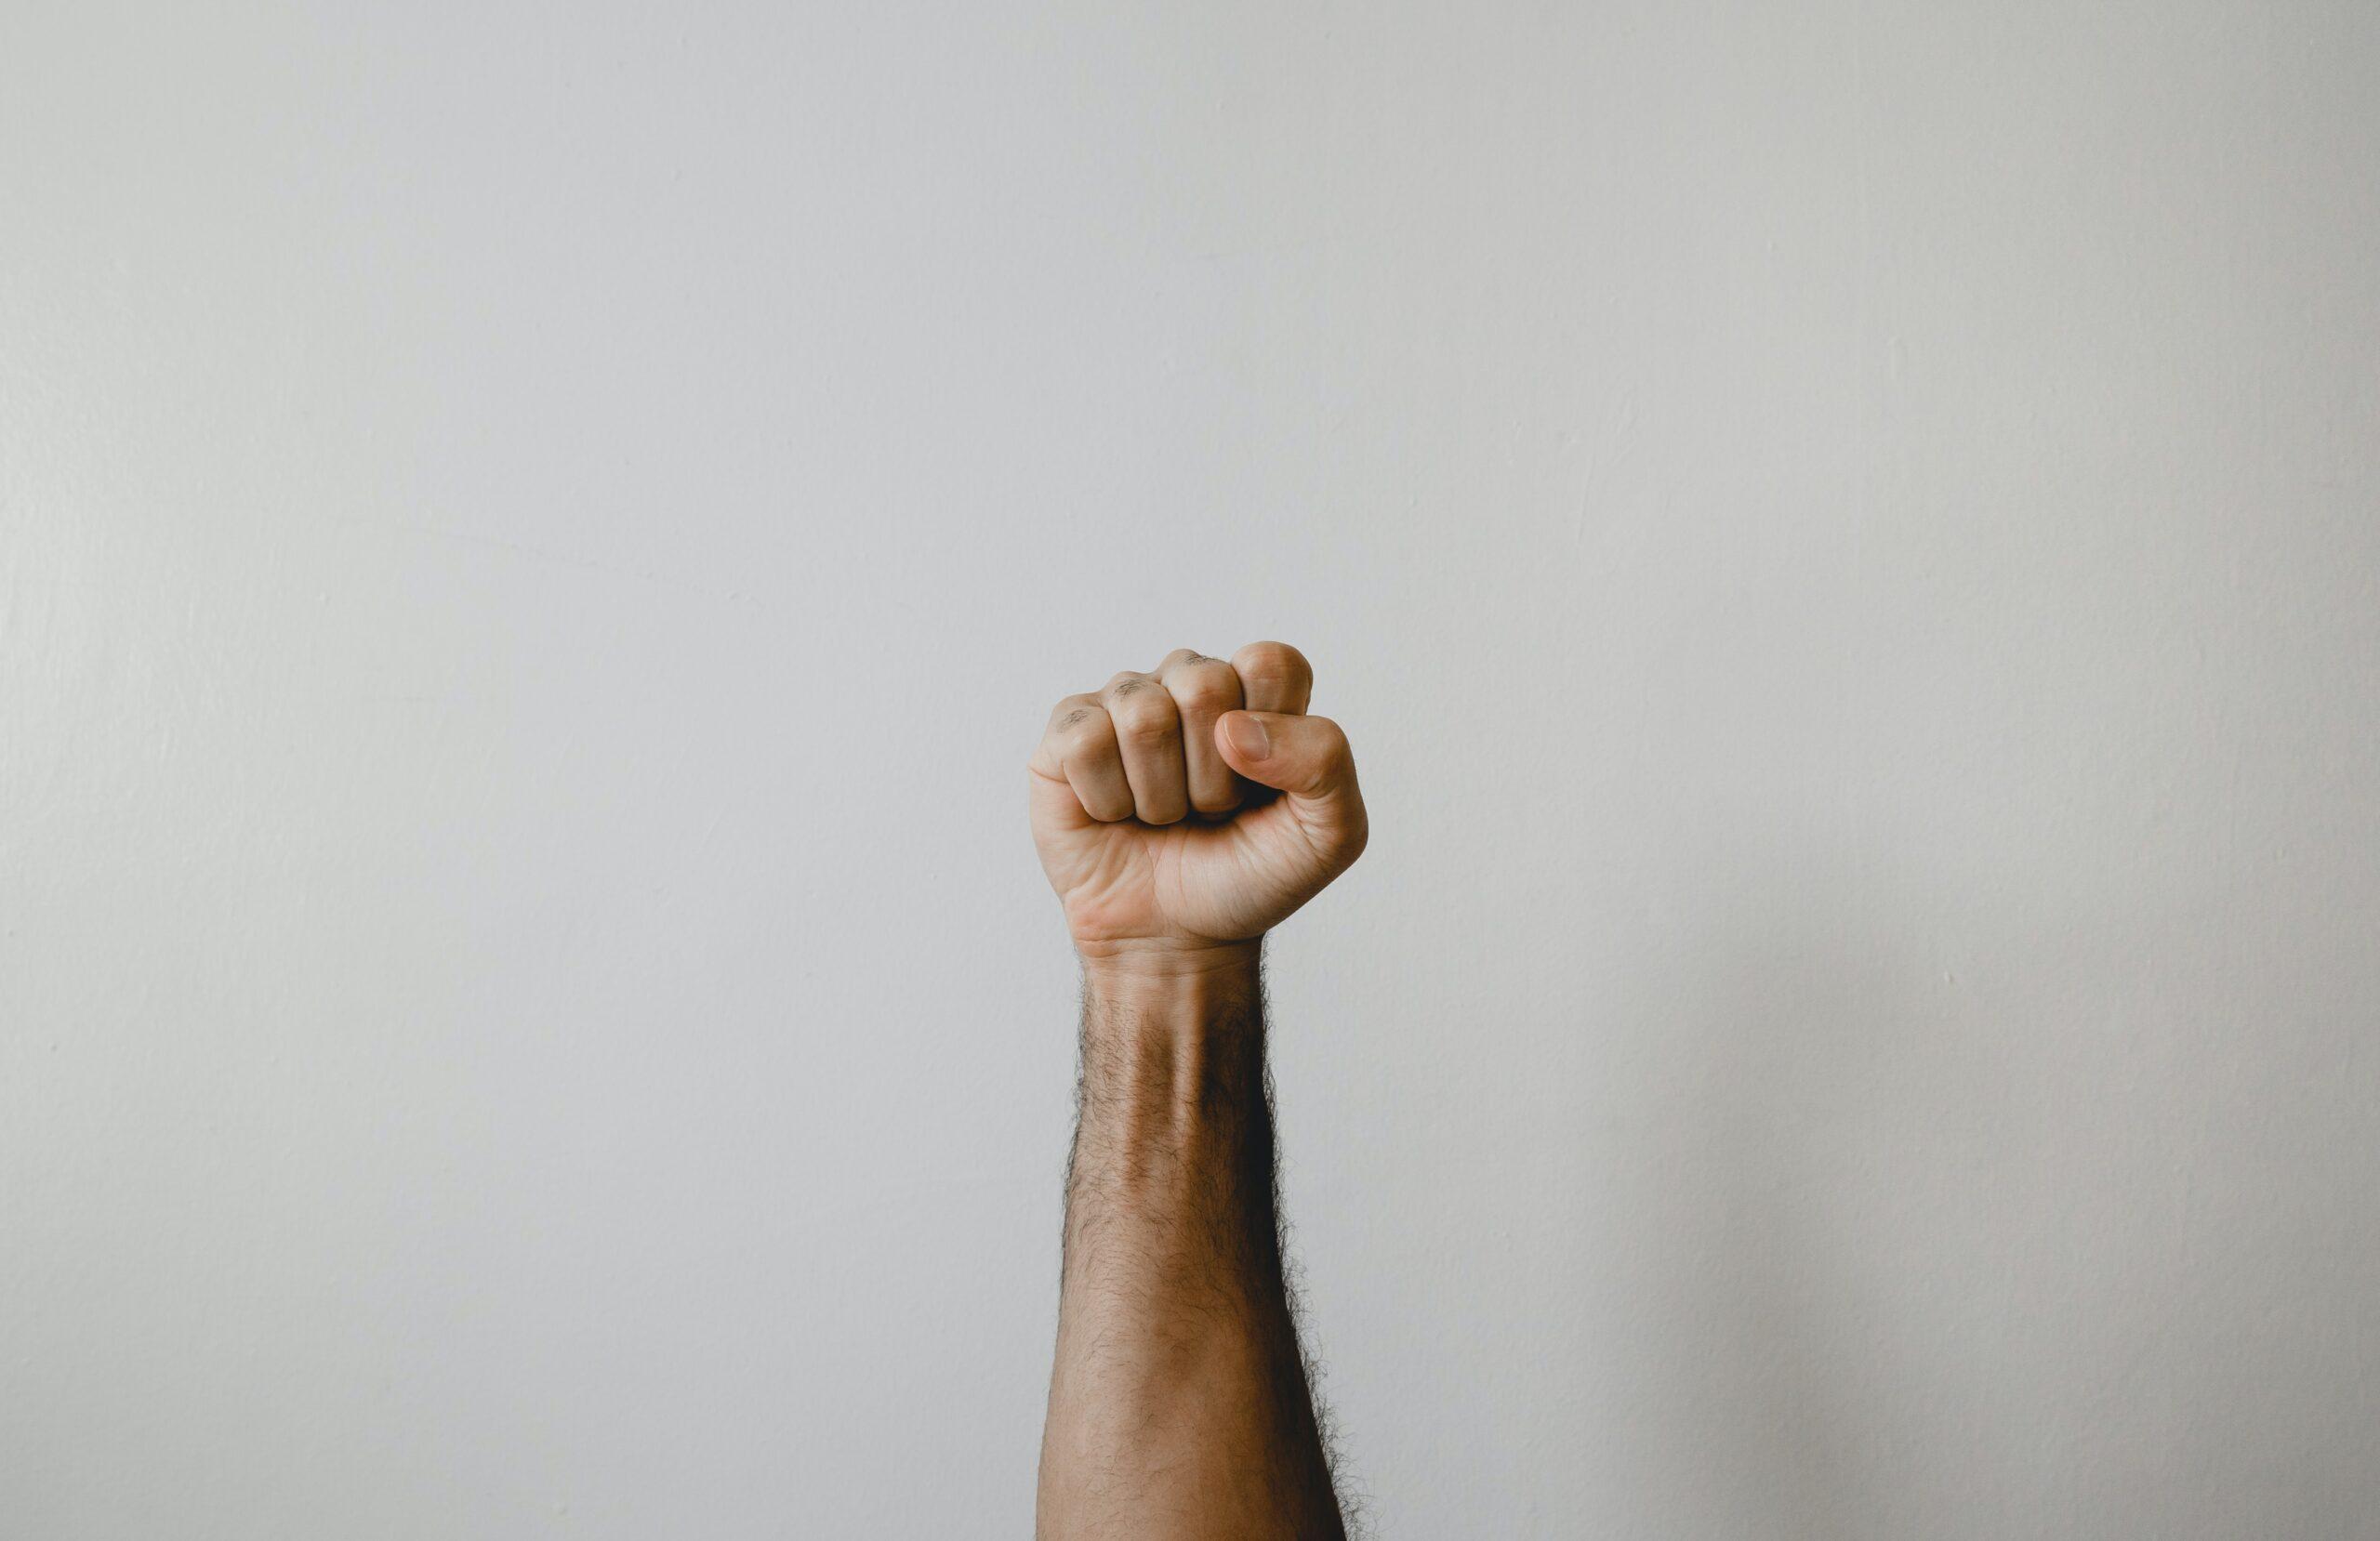 تقييم الموظفين قبضة يد